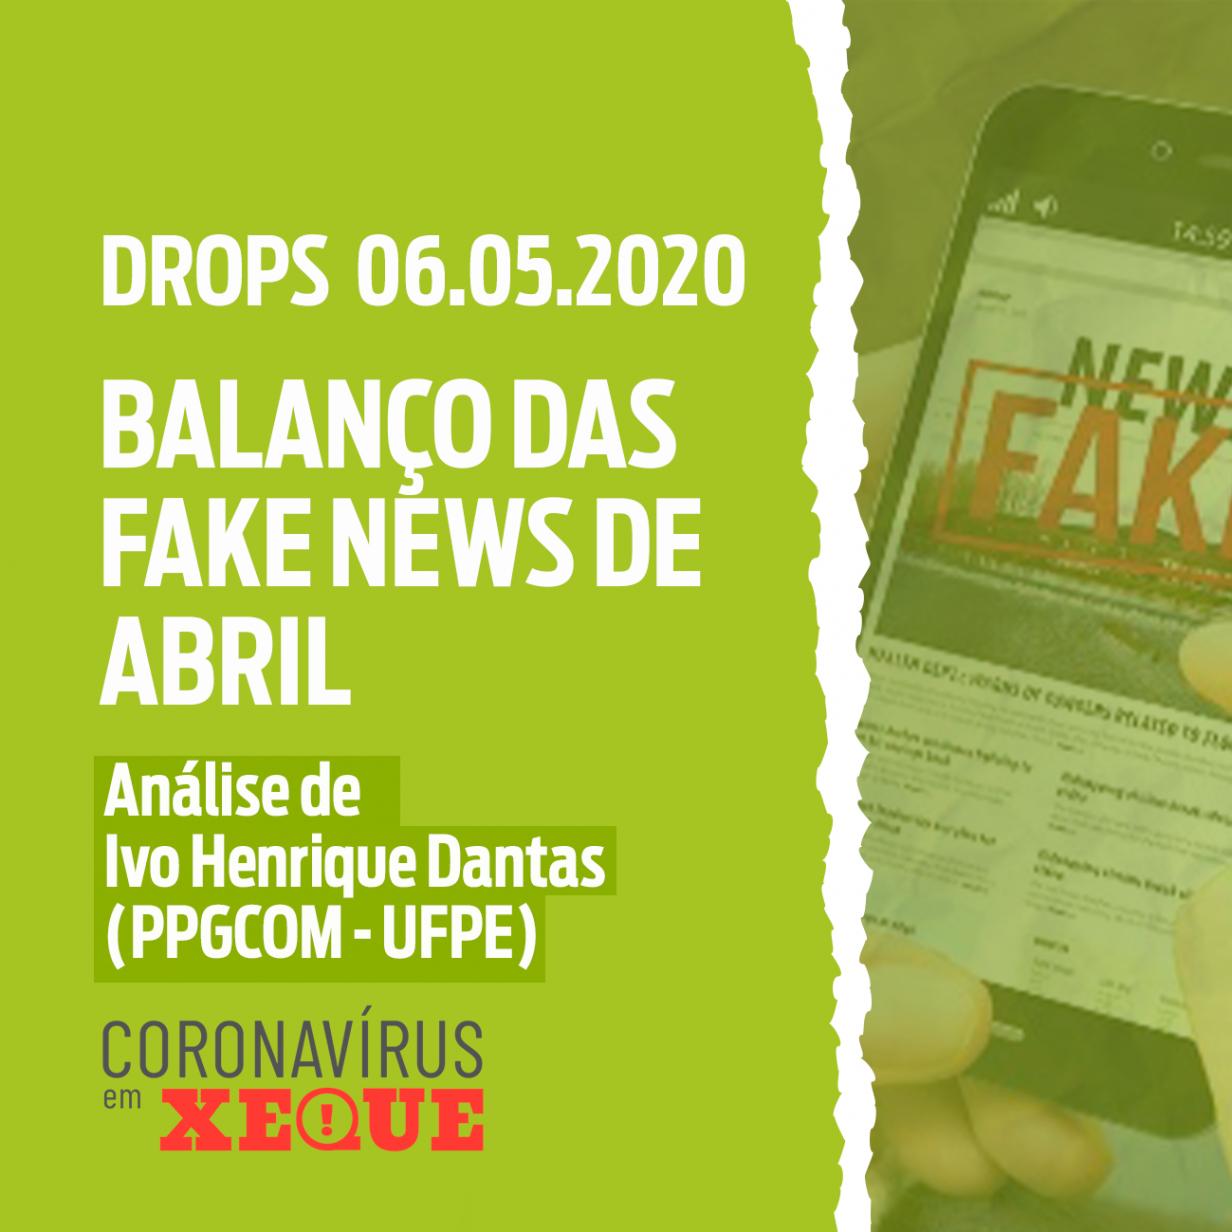 Balanço de Fake News de Abril